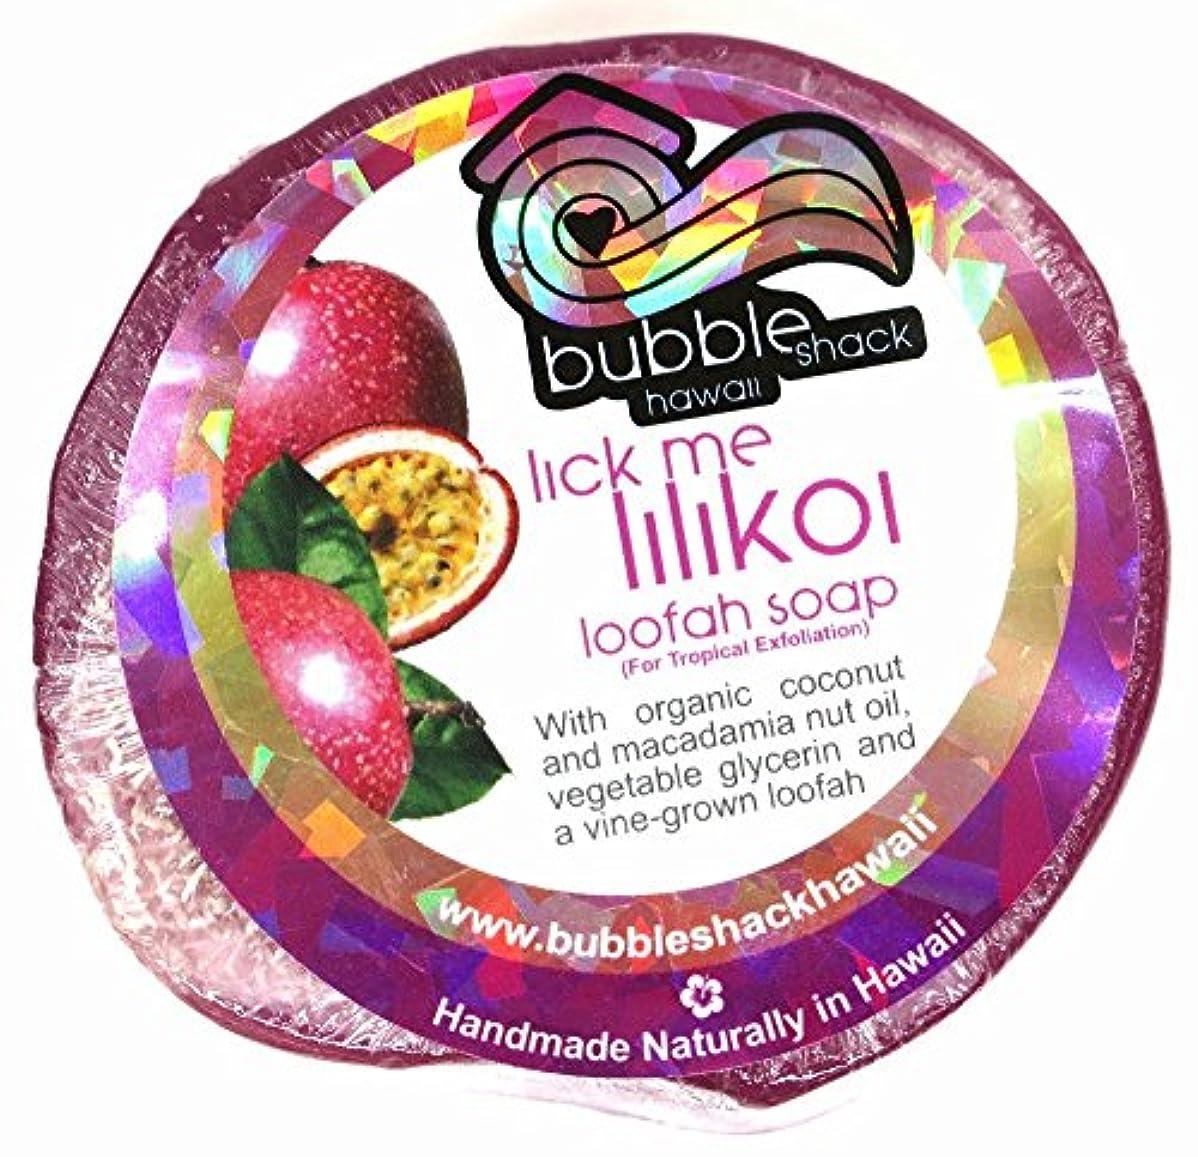 役に立つばか連合ハワイアン雑貨/ハワイ 雑貨【バブルシャック】Bubble Shack Hawaii ルーファーソープ(リックミーリリコイ) 【お土産】